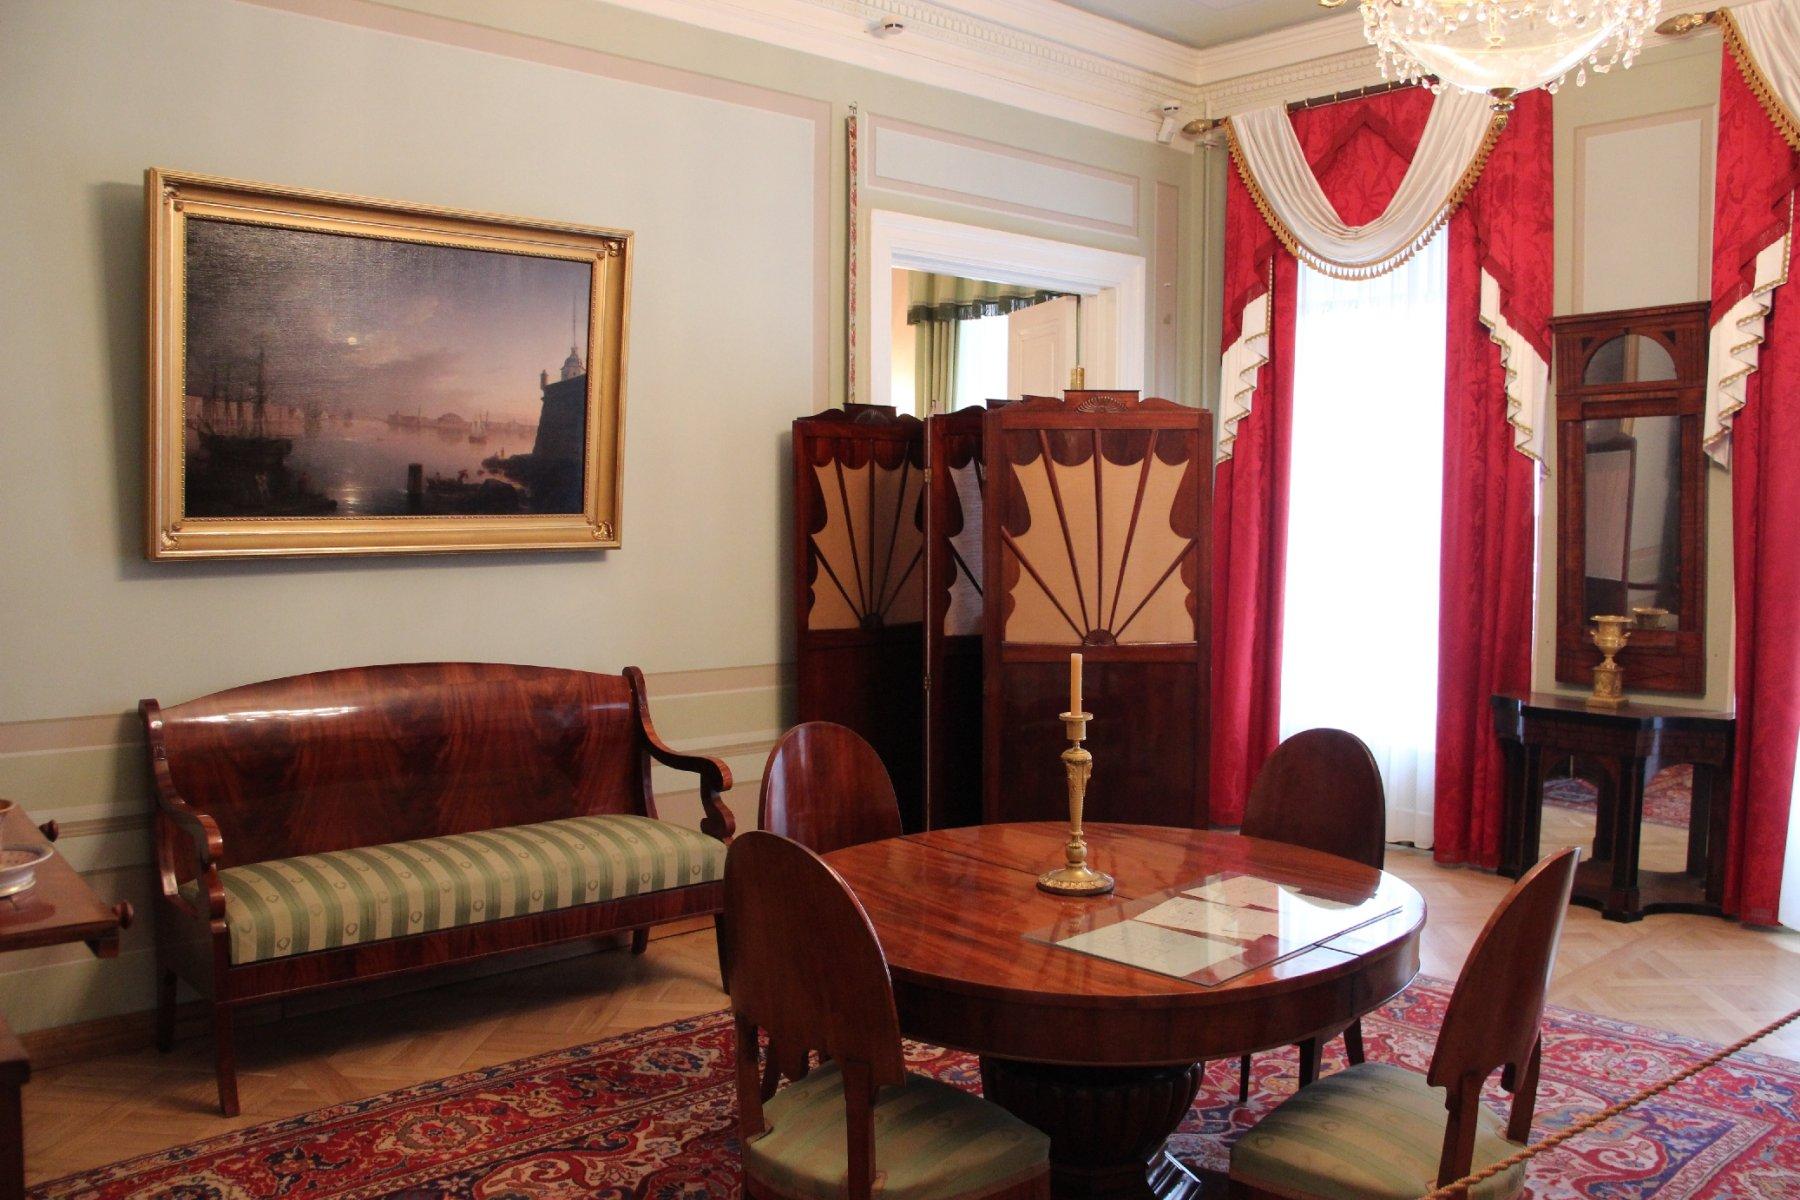 профессиональный музей квартира пушкина в санкт петербурге фото других пикантных